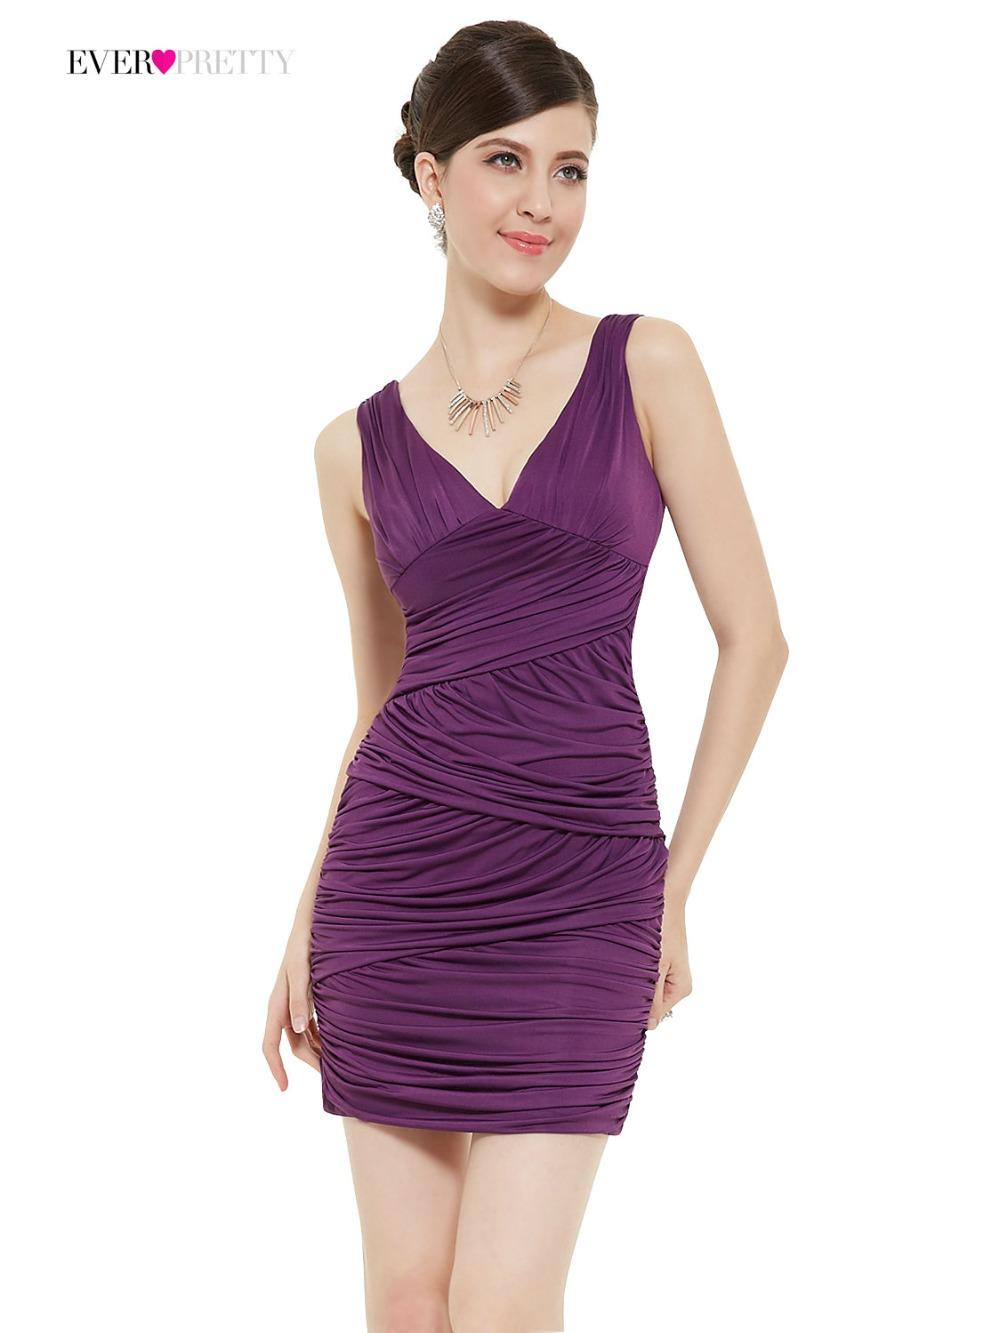 Short Cocktail Dresses On Sale